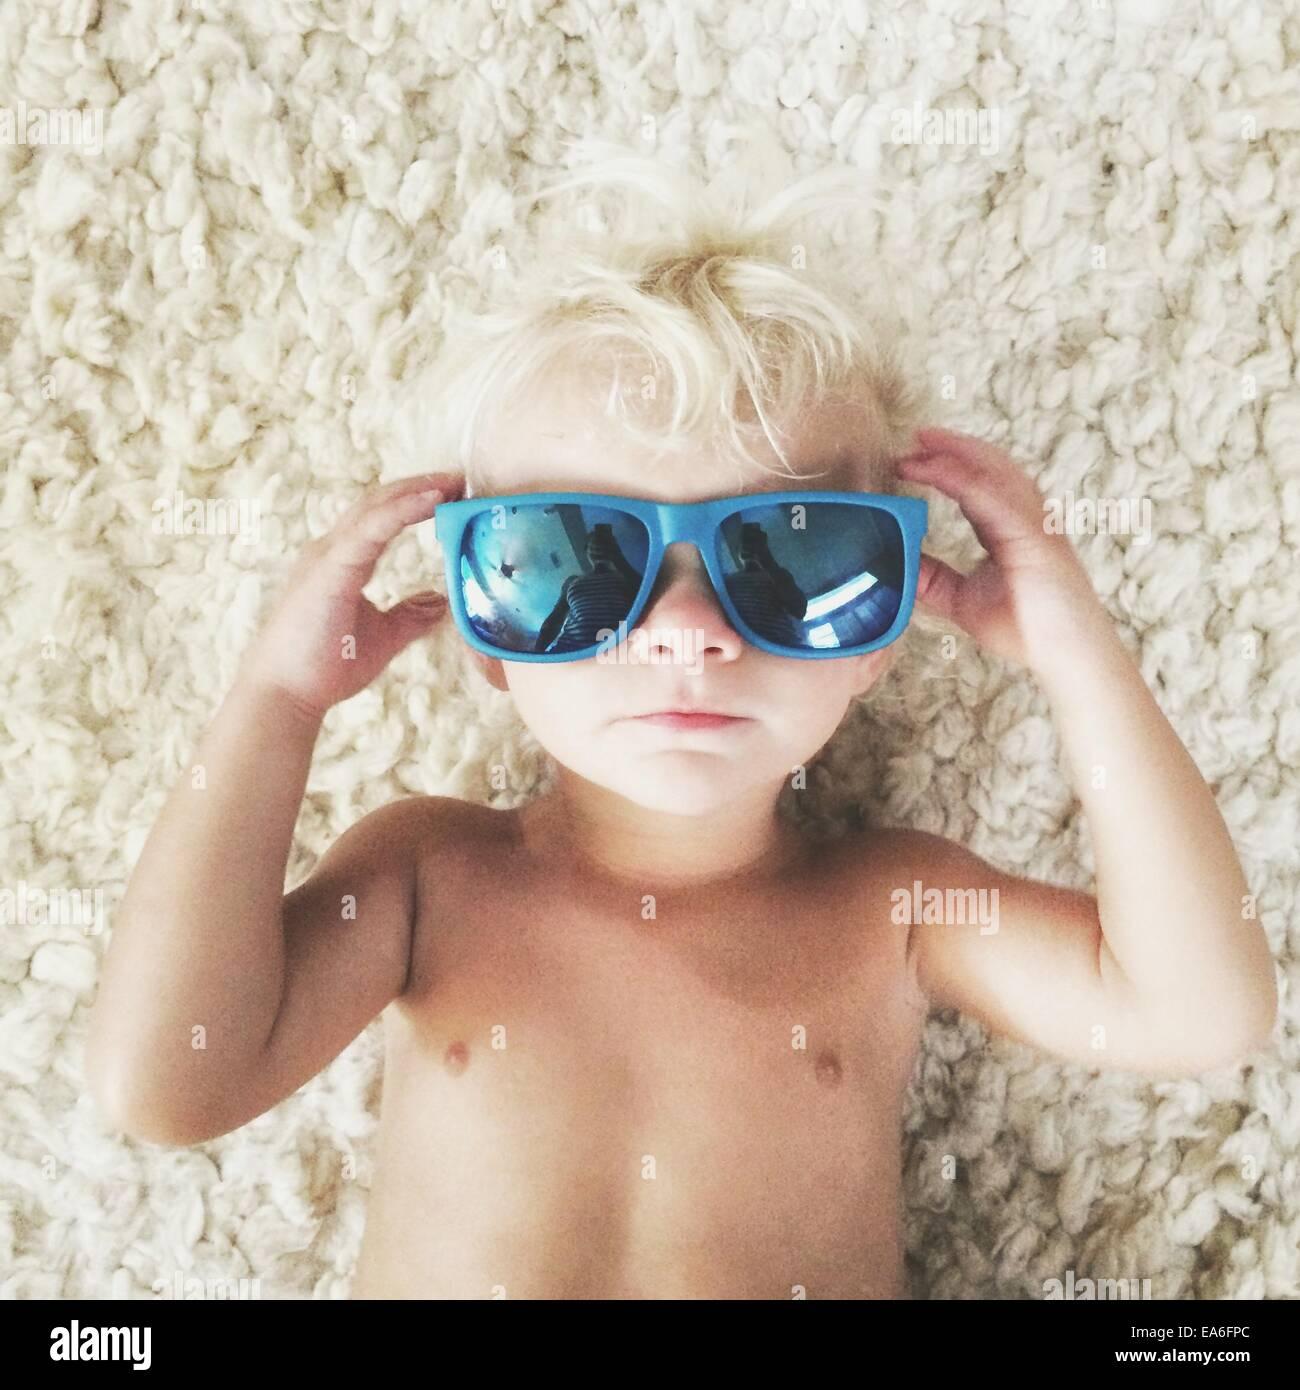 Niño acostado sobre una alfombra con gafas de sol Imagen De Stock